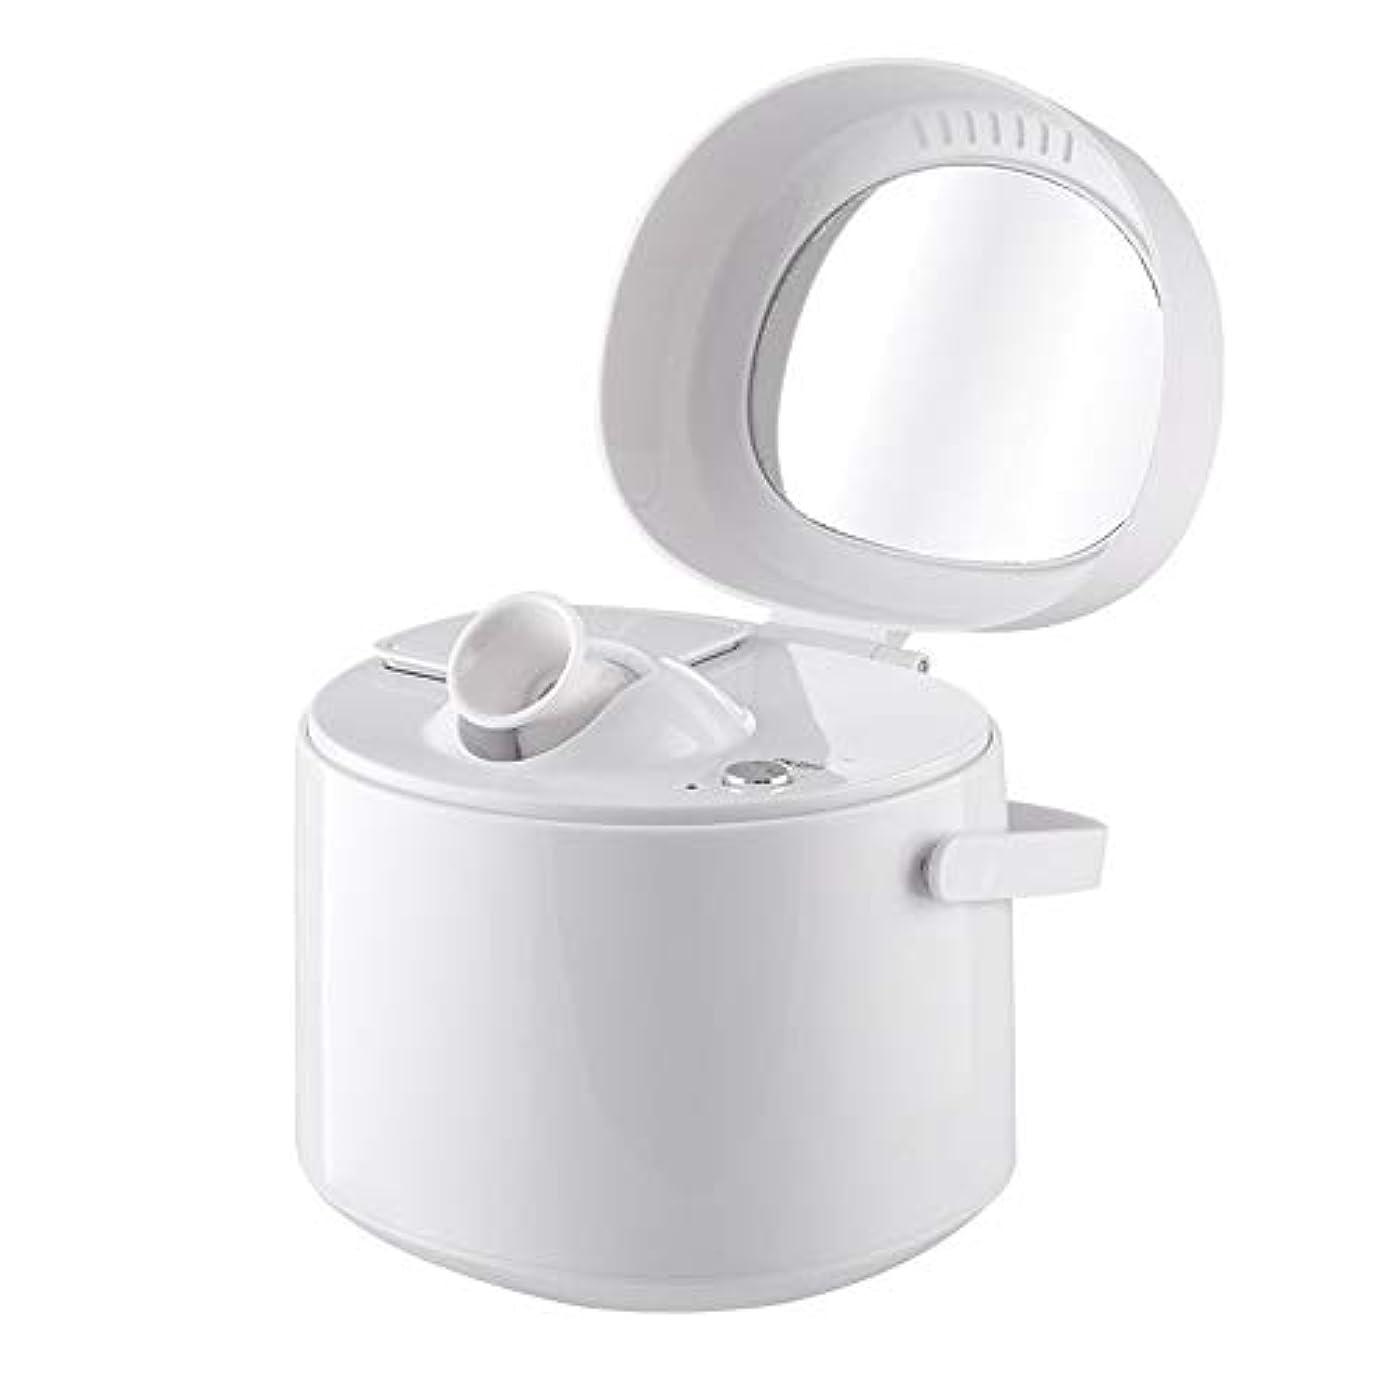 敬嵐が丘がっかりするZXF ホットスプレースチームフェイス美容器具ホームナノイオン保湿スプレー美容器具美容ミラーホワイト 滑らかである